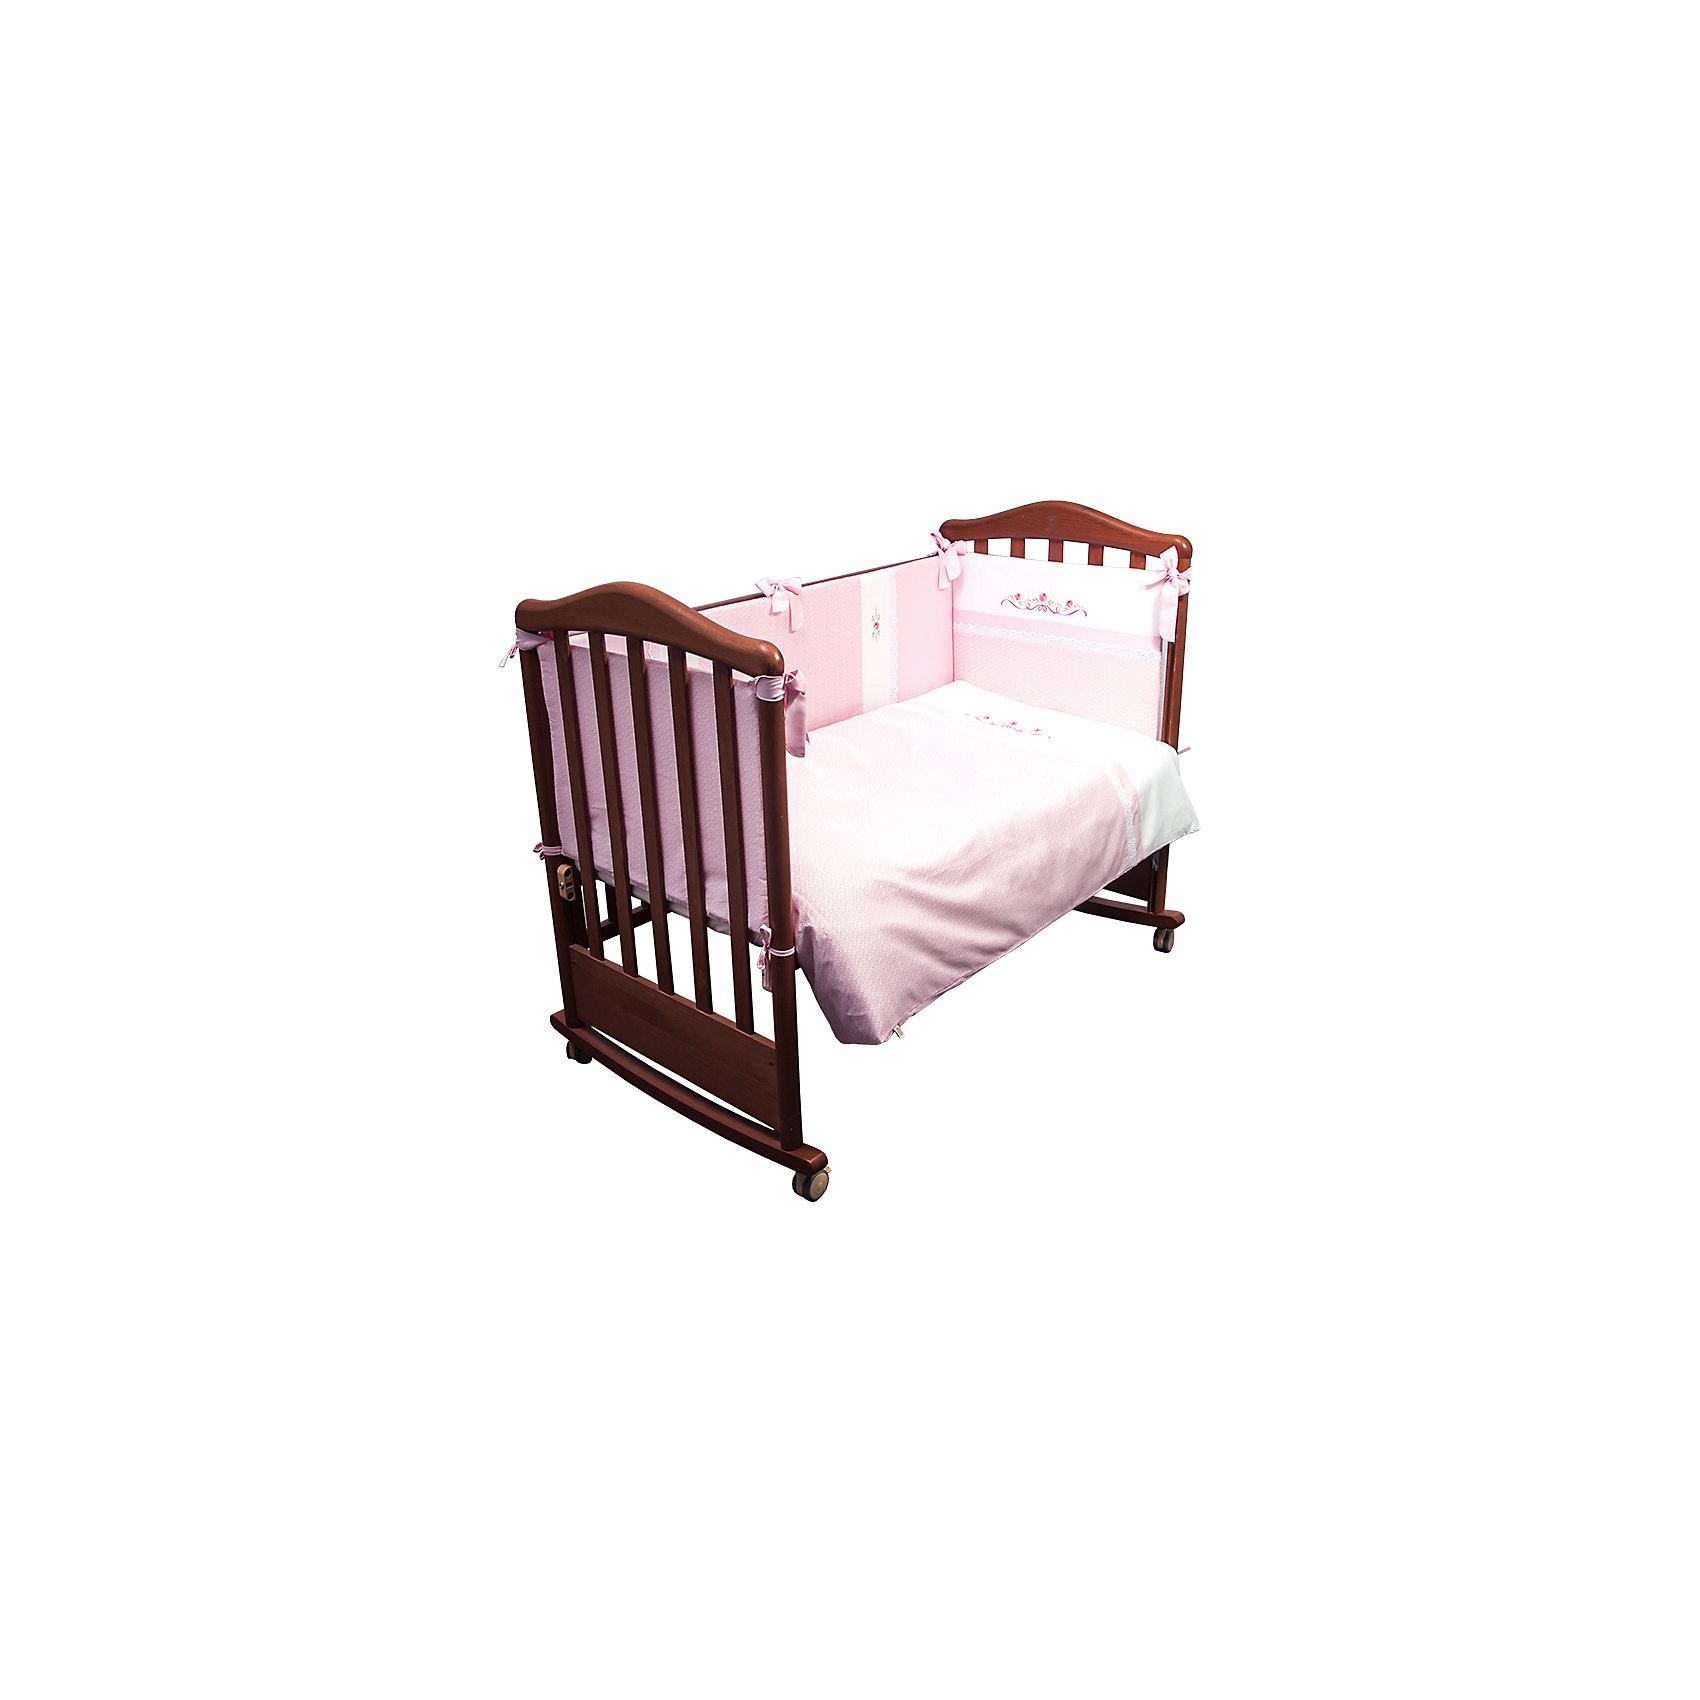 Постельное белье Прованс 6 пред, Сонный гномик, розовыйПостельное белье Прованс 6 предм., Сонный гномик состоит из постельных принадлежностей, необходимых для детской кроватки: одеяло, подушка, простынь, пододеяльник, наволочка и бортики. Комплект подходит для кроваток любого типа   стандартного размера 120*60 см. Все изделия комплекта выполнены из сатина высокого качества, который обладает устойчивостью к деформации и изменению цвета, даже при частых стирках не образуются потертости и катышки. В одеяле и подушке в качестве наполнителя использован холлофайбер, который обладает высокой воздухопроницаемостью, водоотталкивающими и гипоаллергенными свойствами. Бортик для кроватки состоит из четырех частей, которые крепятся за счет завязок. Комплект выполнен в нежном розовом цвете, украшен принтом из цветочного орнамента.   <br>Постельное белье Прованс 6 предм., Сонный гномик, розовый обеспечит ребенку крепкий, здоровый и безопасный сон. <br><br>Дополнительная информация:<br><br>- Предназначение: для детской кроватки<br>- Комплектация: одеяло и пододеяльник (110*140 см), подушка и наволочка (40*60 см), простынь (100*140 см), бортики из четырех частей<br>- Материал: сатин<br>- Наполнитель: холлофайбер<br>- Пол: для девочки<br>- Цвет: розовый, белый<br>- Размеры упаковки (Д*Ш*В): 65*20*50 см<br>- Вес: 3 кг 120 г<br>- Особенности ухода: разрешается стирка при температуре не более 40 градусов<br><br>Подробнее:<br><br>• Для детей в возрасте от 0 месяцев и до 4 лет<br>• Страна производитель: Россия<br>• Торговый бренд: Leader kids<br><br>Постельное белье Прованс 6 предм., Сонный гномик, розовый можно купить в нашем интернет-магазине.<br><br>Ширина мм: 650<br>Глубина мм: 200<br>Высота мм: 500<br>Вес г: 3120<br>Возраст от месяцев: 0<br>Возраст до месяцев: 48<br>Пол: Женский<br>Возраст: Детский<br>SKU: 4922747